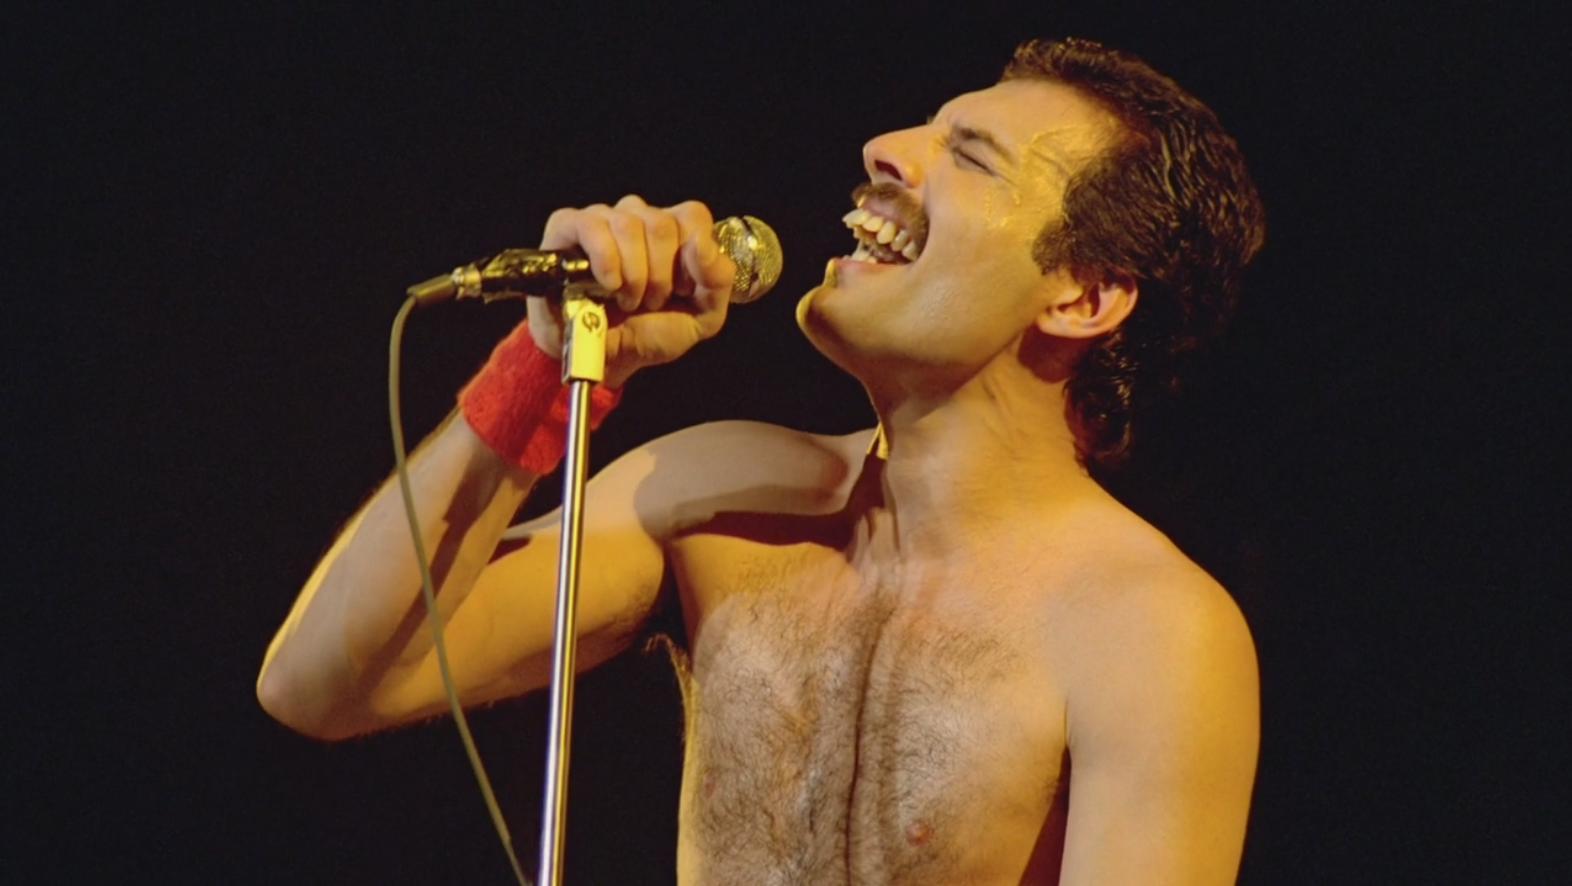 Las canciones de Queen por Benoit Clerc